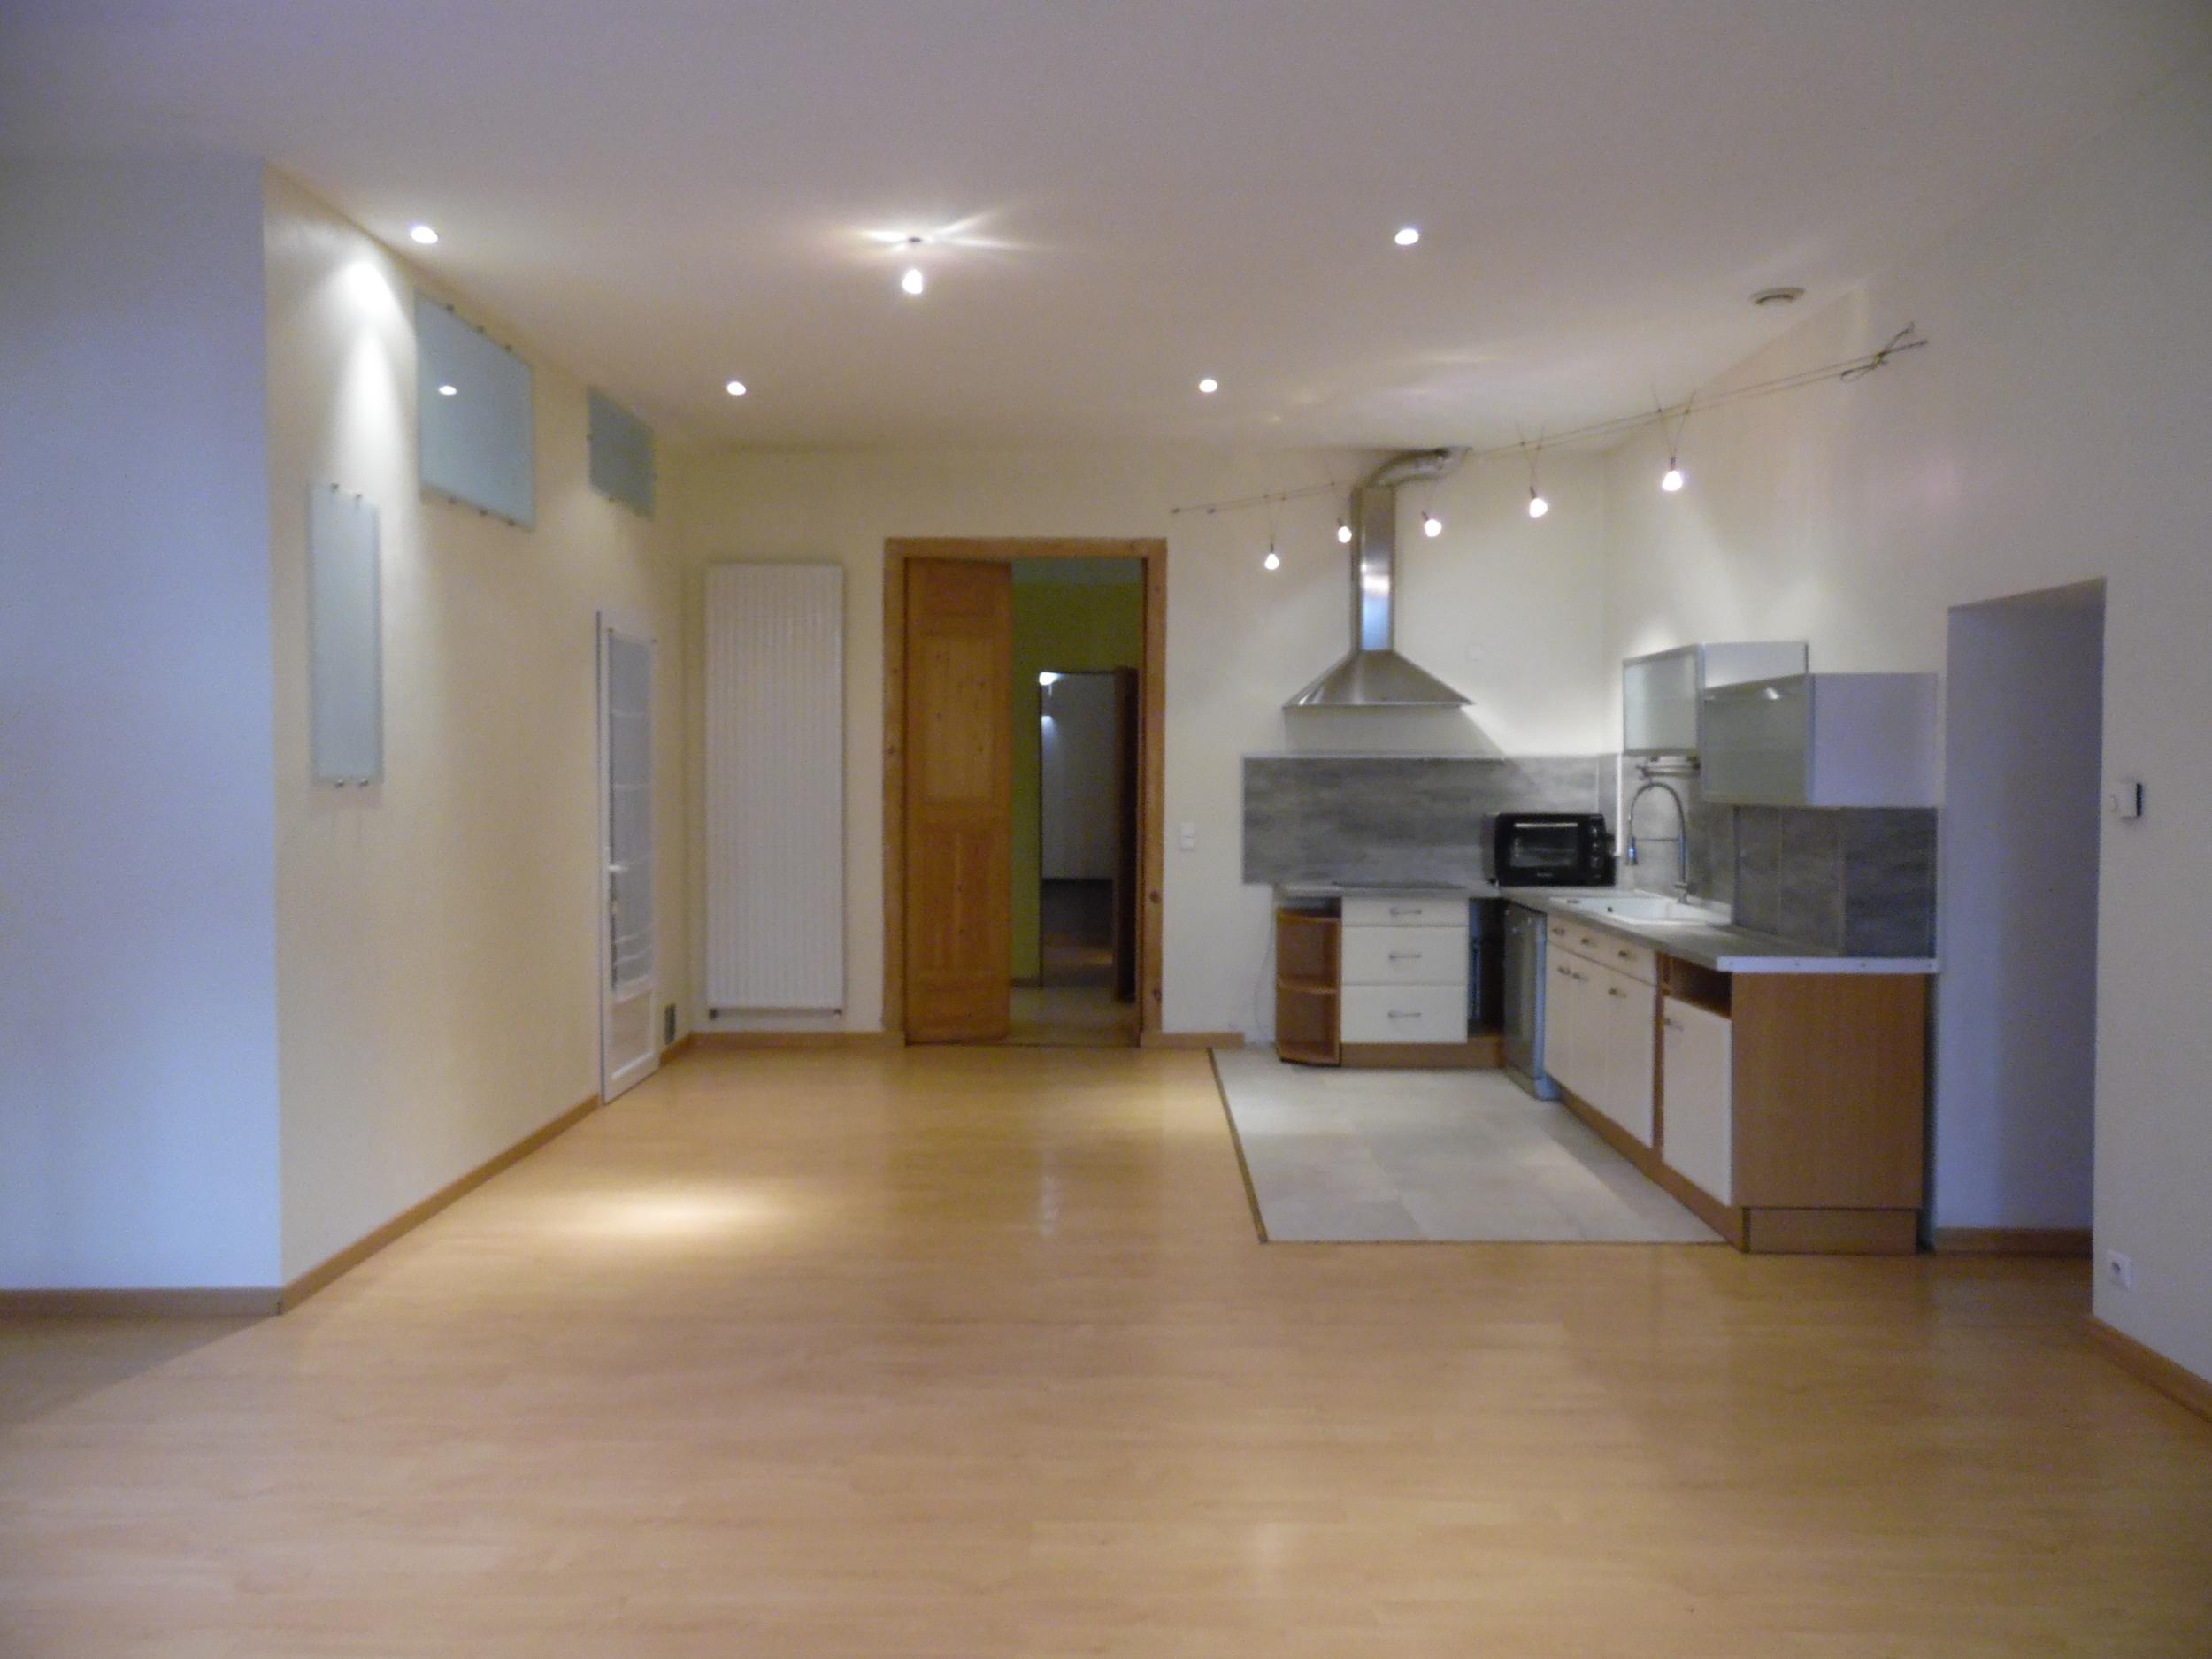 vente Appartement 4 pièces Carpentras 84200